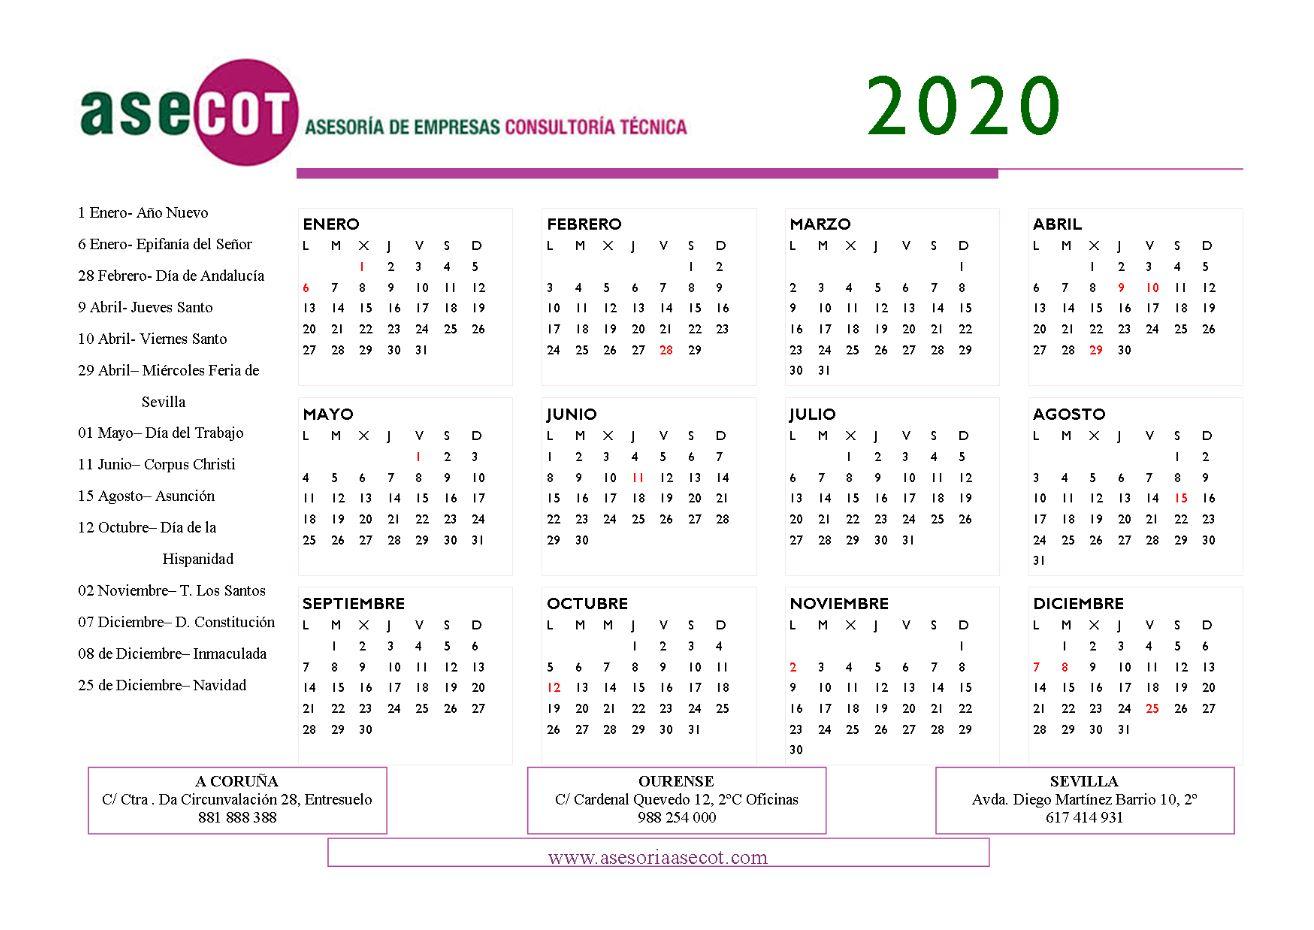 CALENDARIO LABORAL SEVILLA 2020